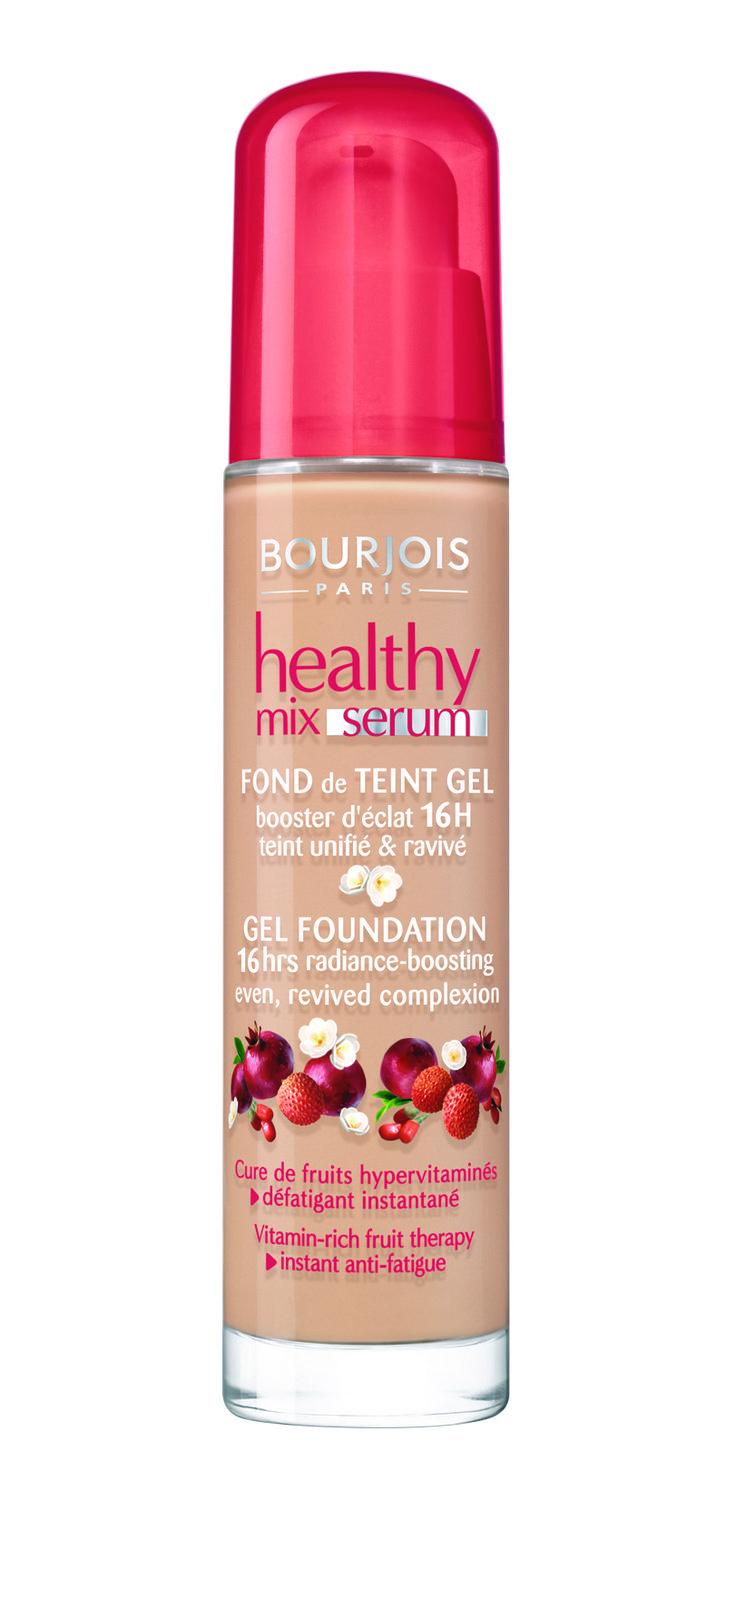 Healthy Mix Serum foundation #BourjoisFrenchChic